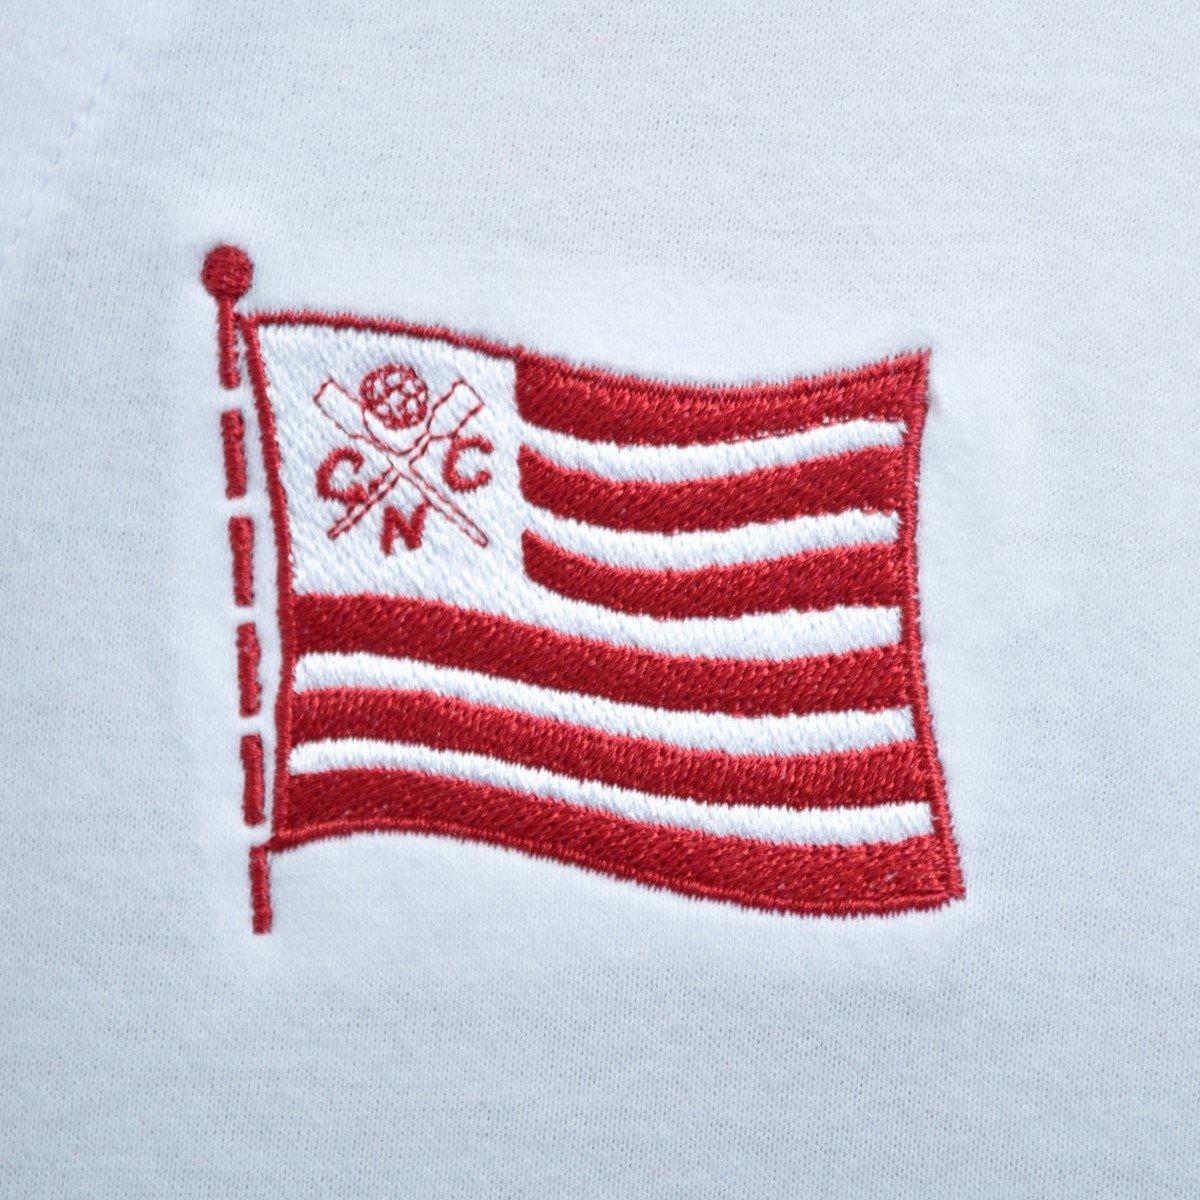 1ab4e9af121cd Camisa Retrô Mania Náutico 1968 Reserva - Branco - Compre Agora ...